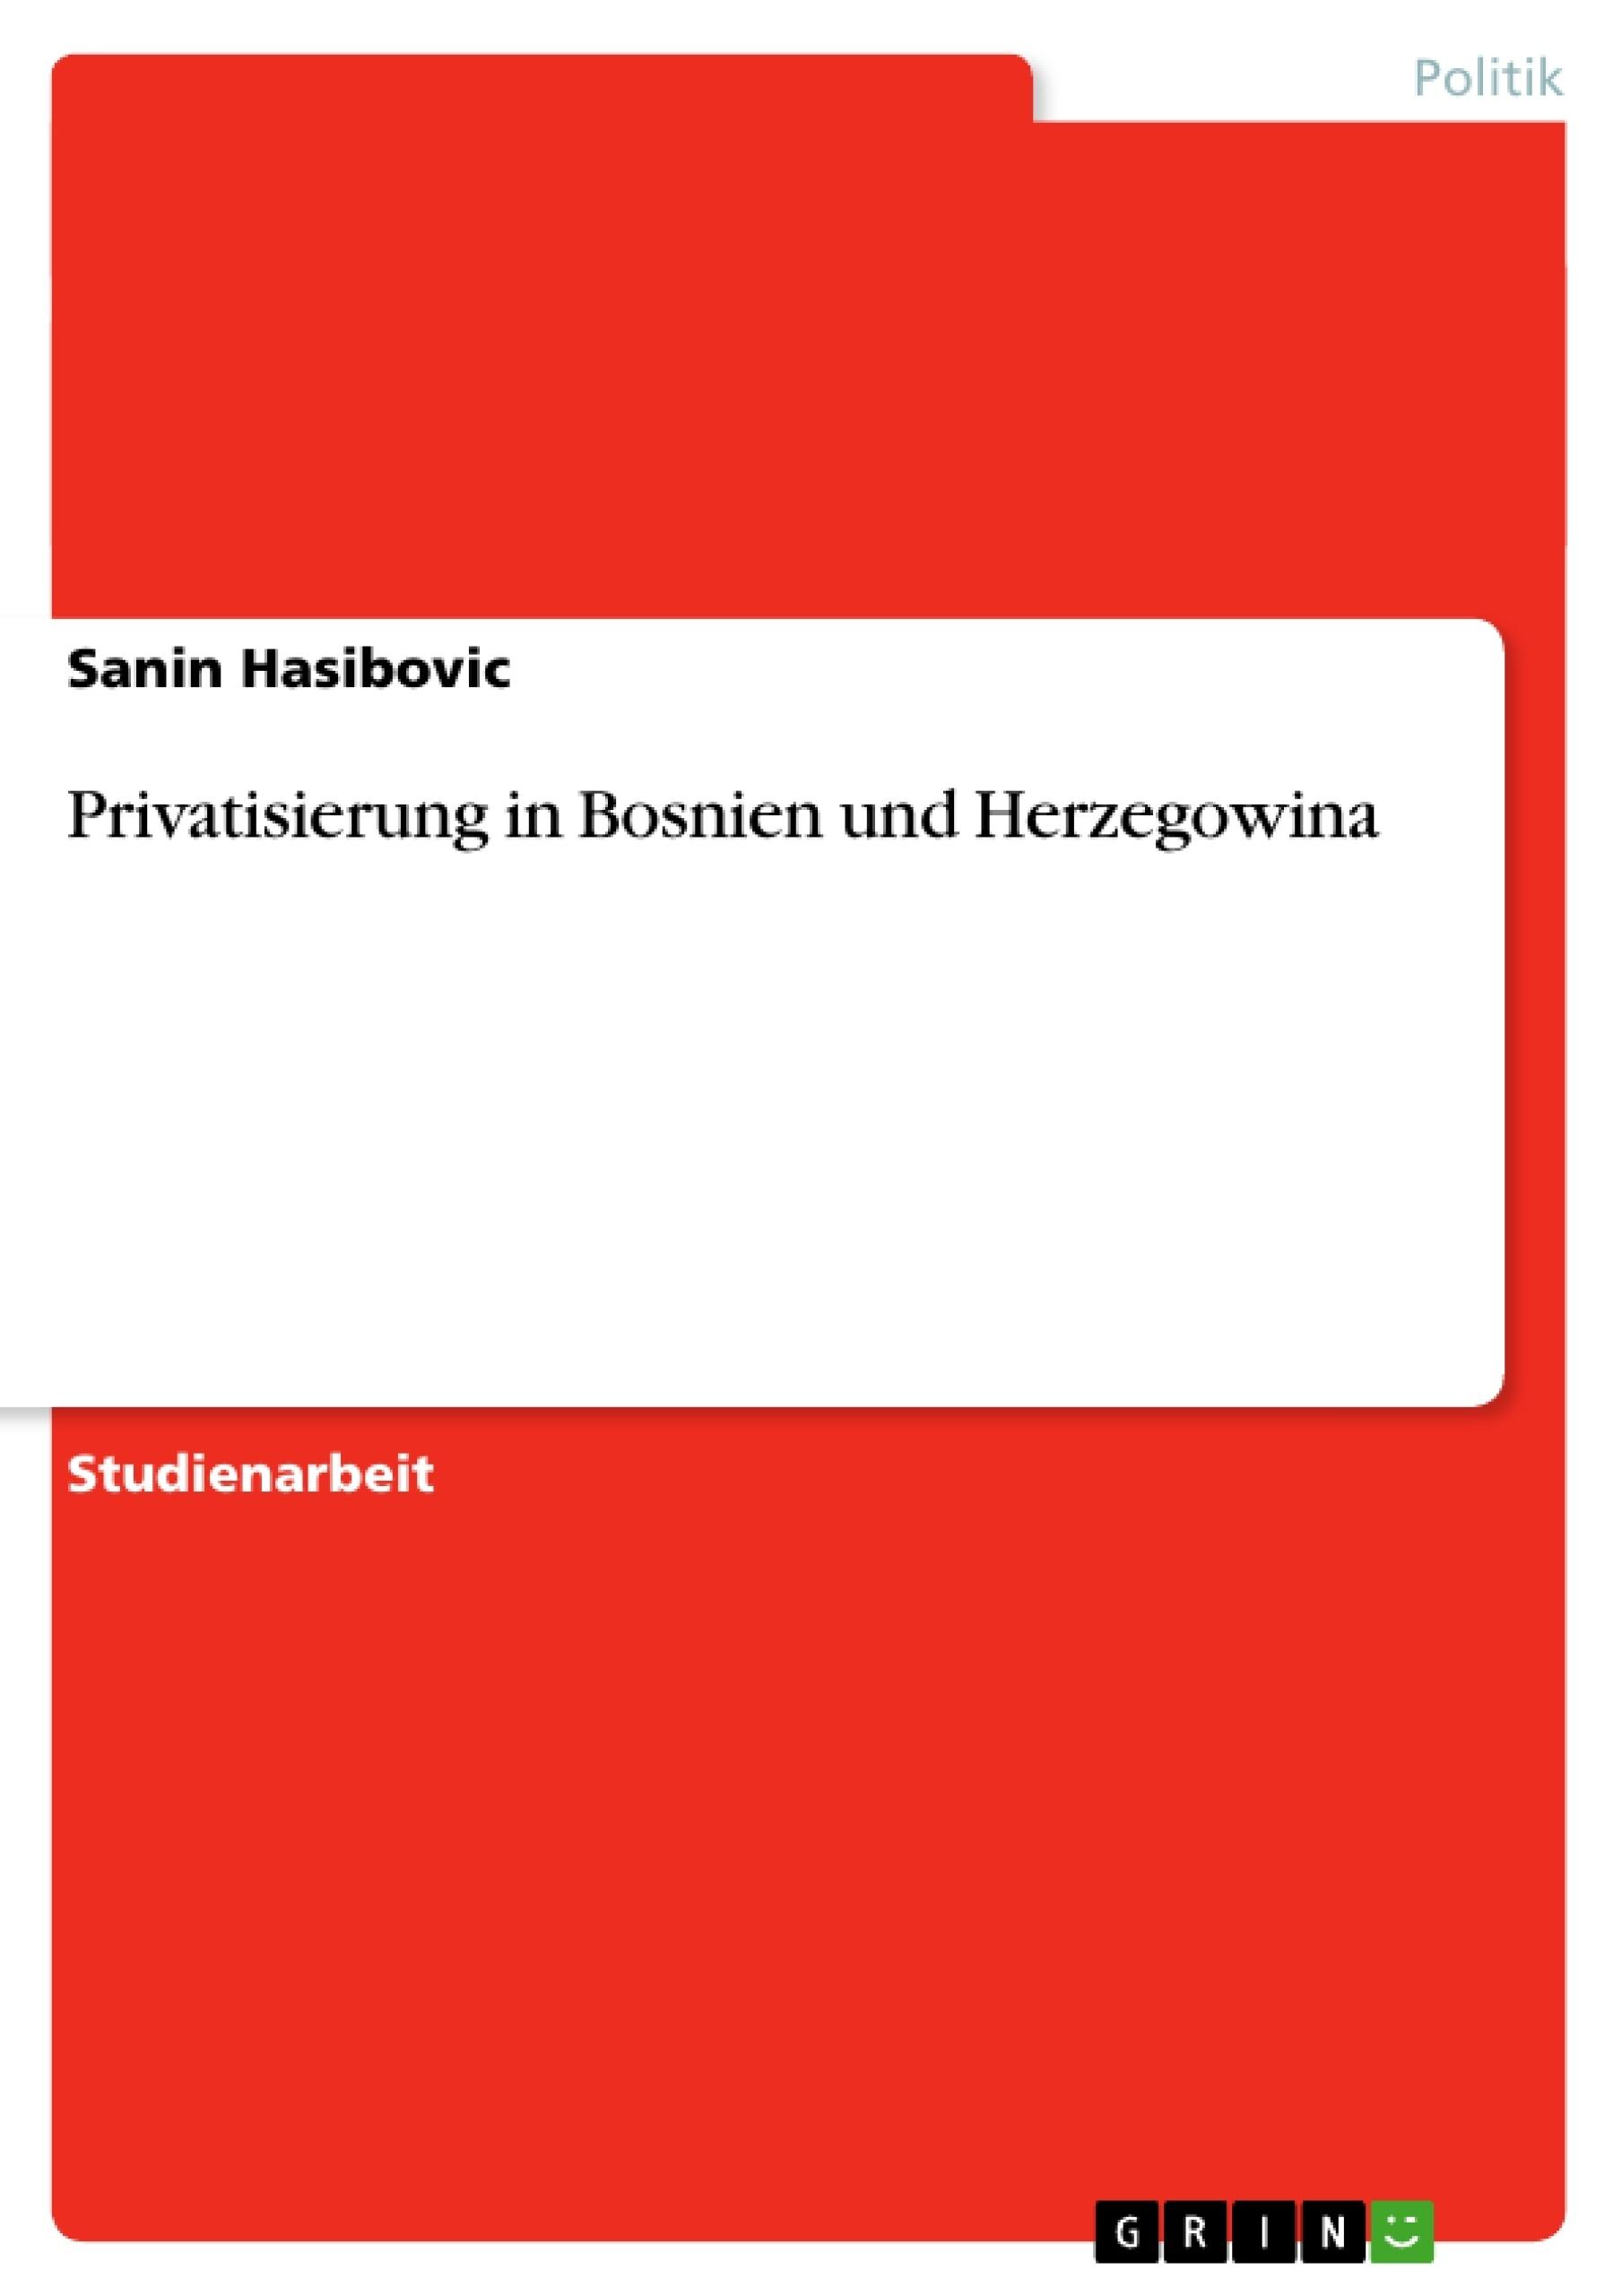 Titel: Privatisierung in Bosnien und Herzegowina